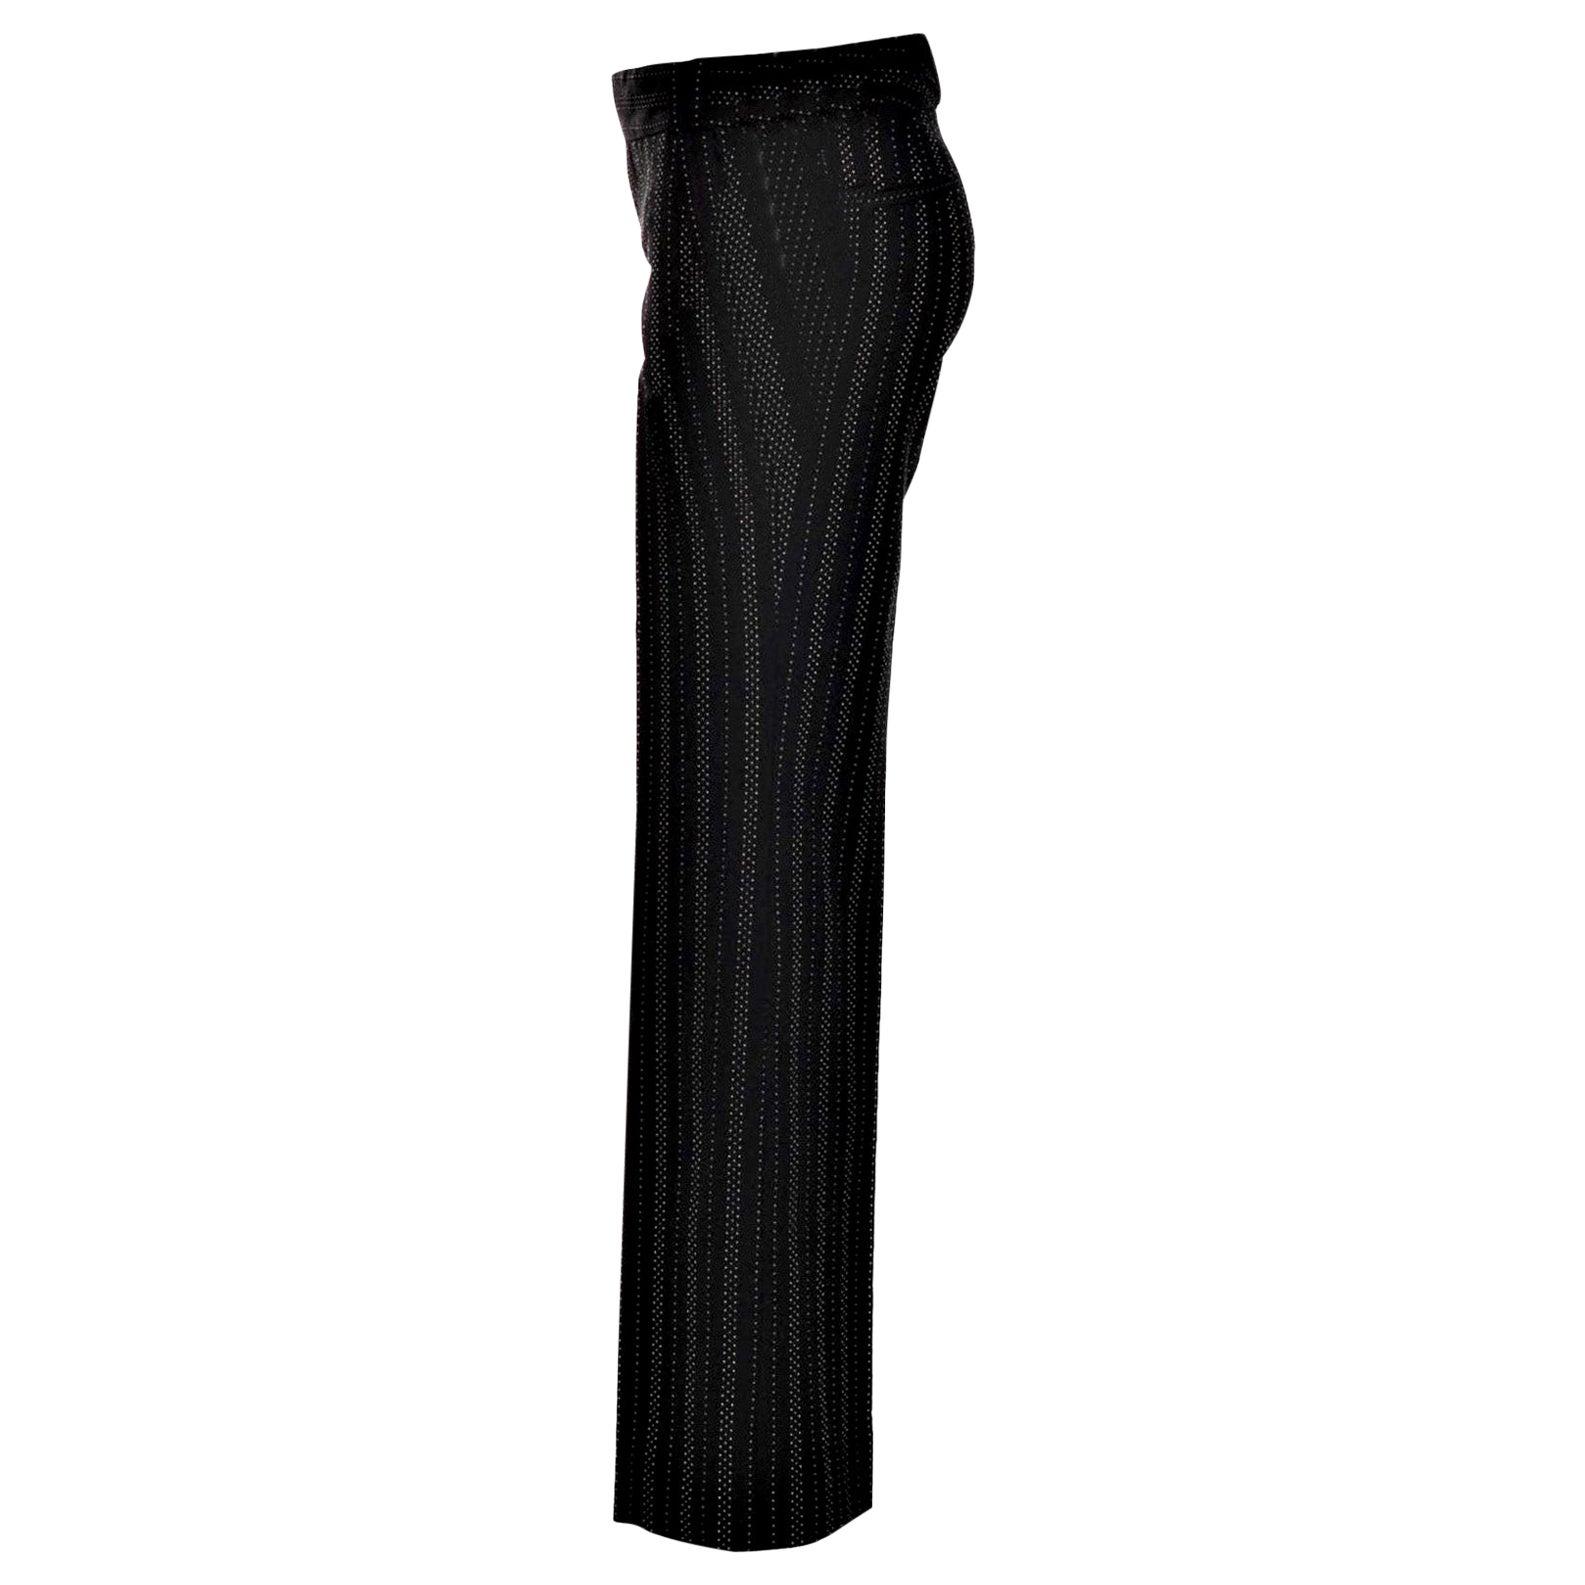 New Gucci 90th Anniversary Wool Runway Pants F/W 2011 Sz 44